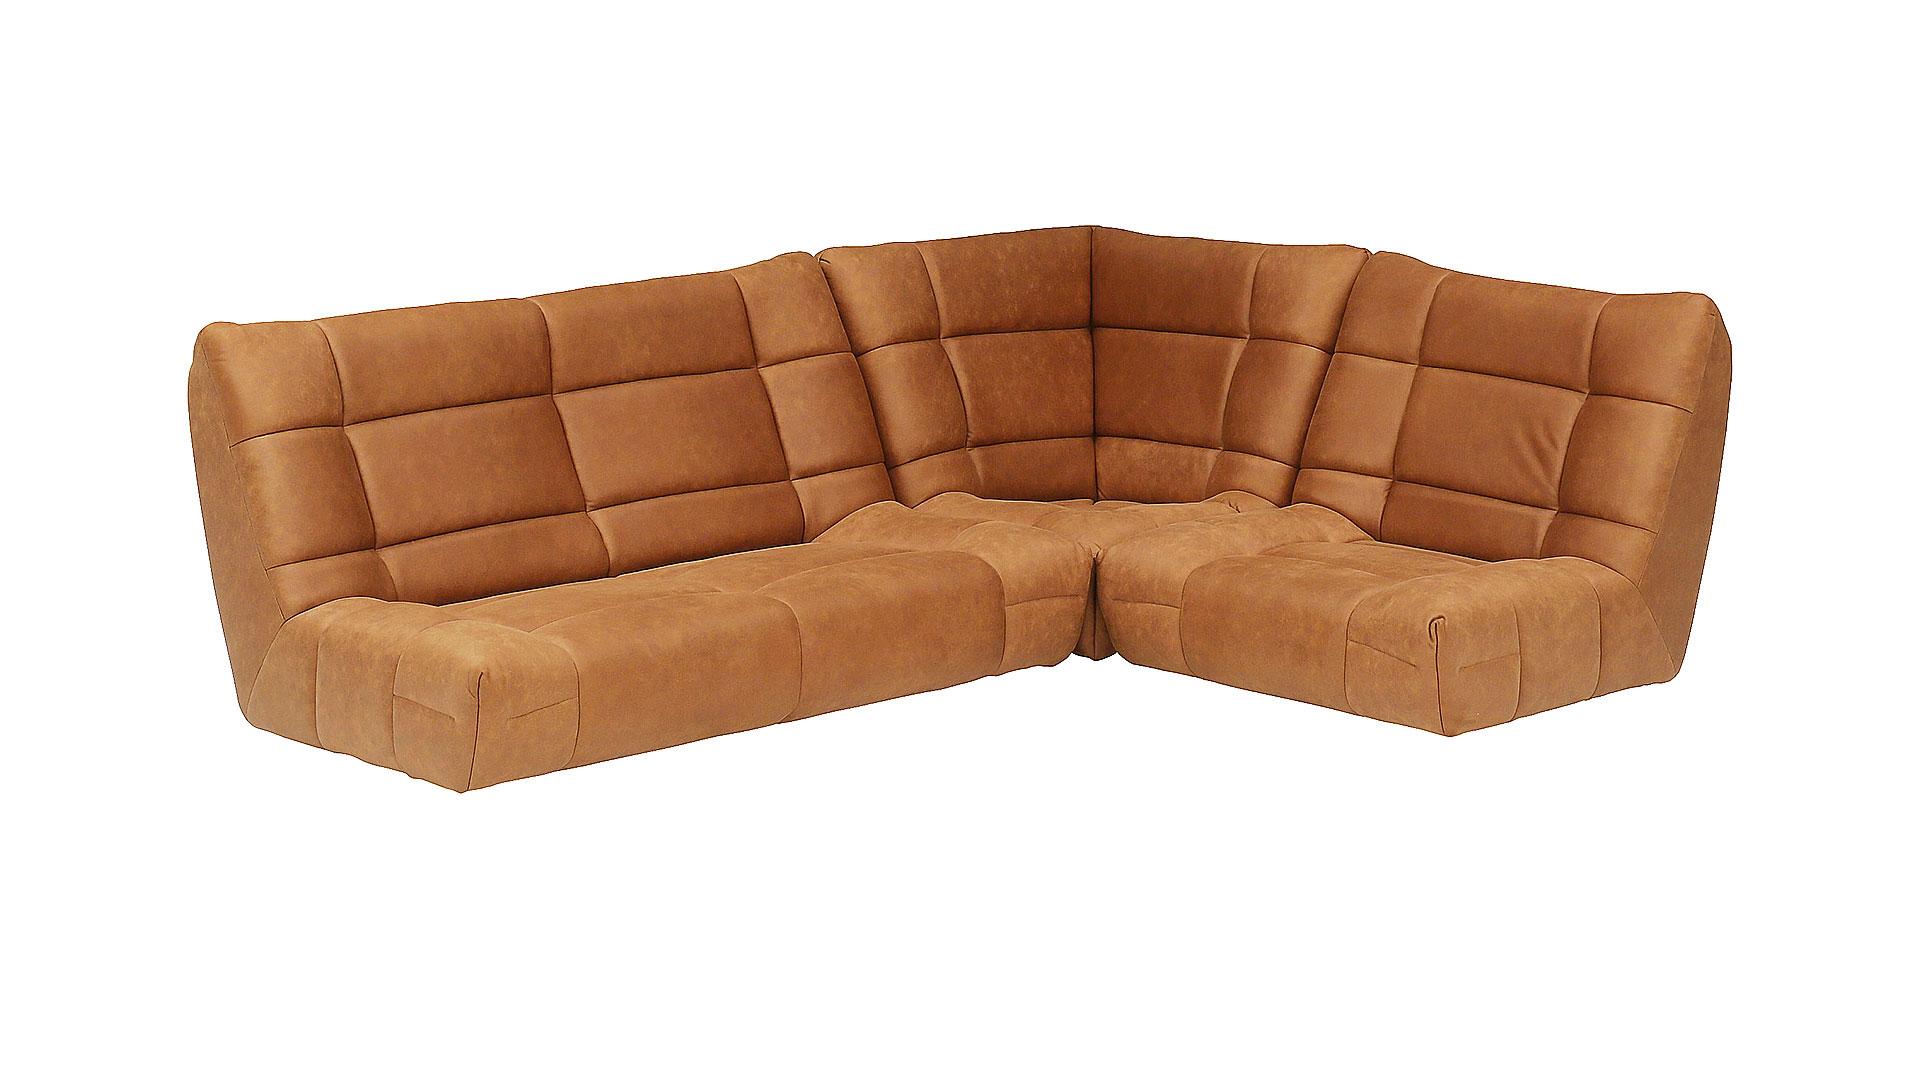 リビンズのソファ「チャオ」の脚を外した画像